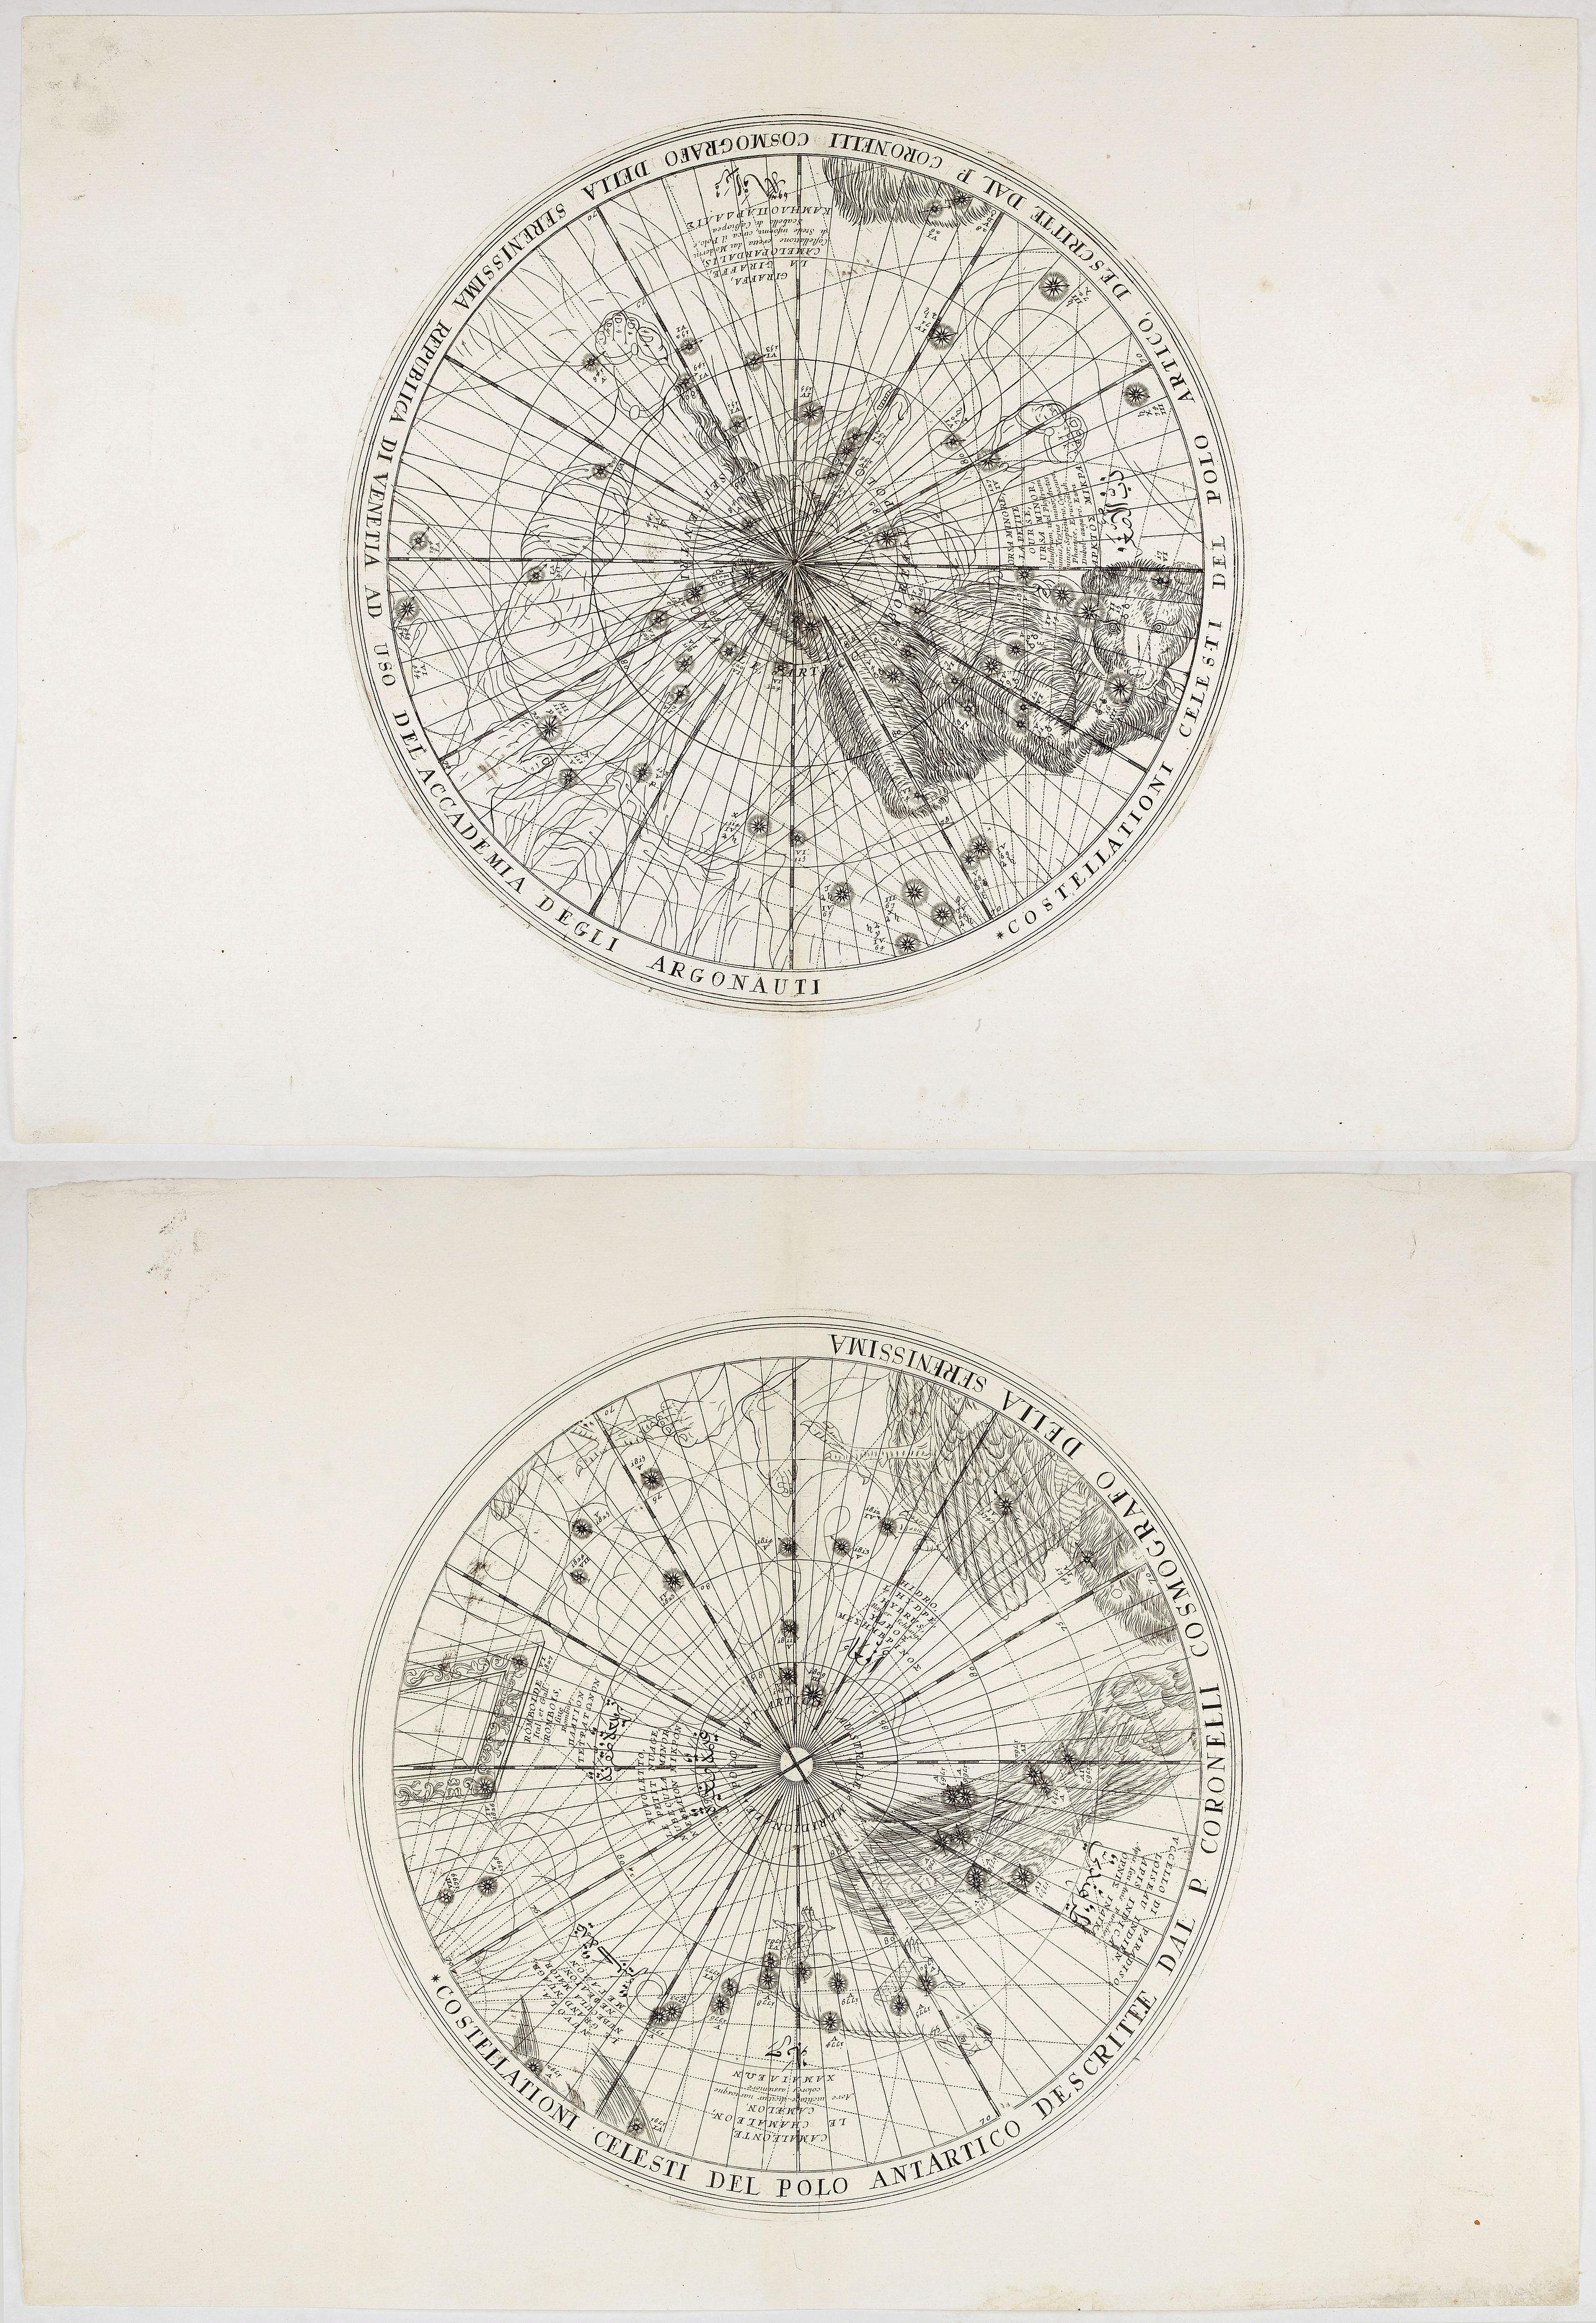 CORONELLI, V. -  [Set of two sheets] Costellationi celesti del polo Antartico …. Costellationi celesti del polo Artico …